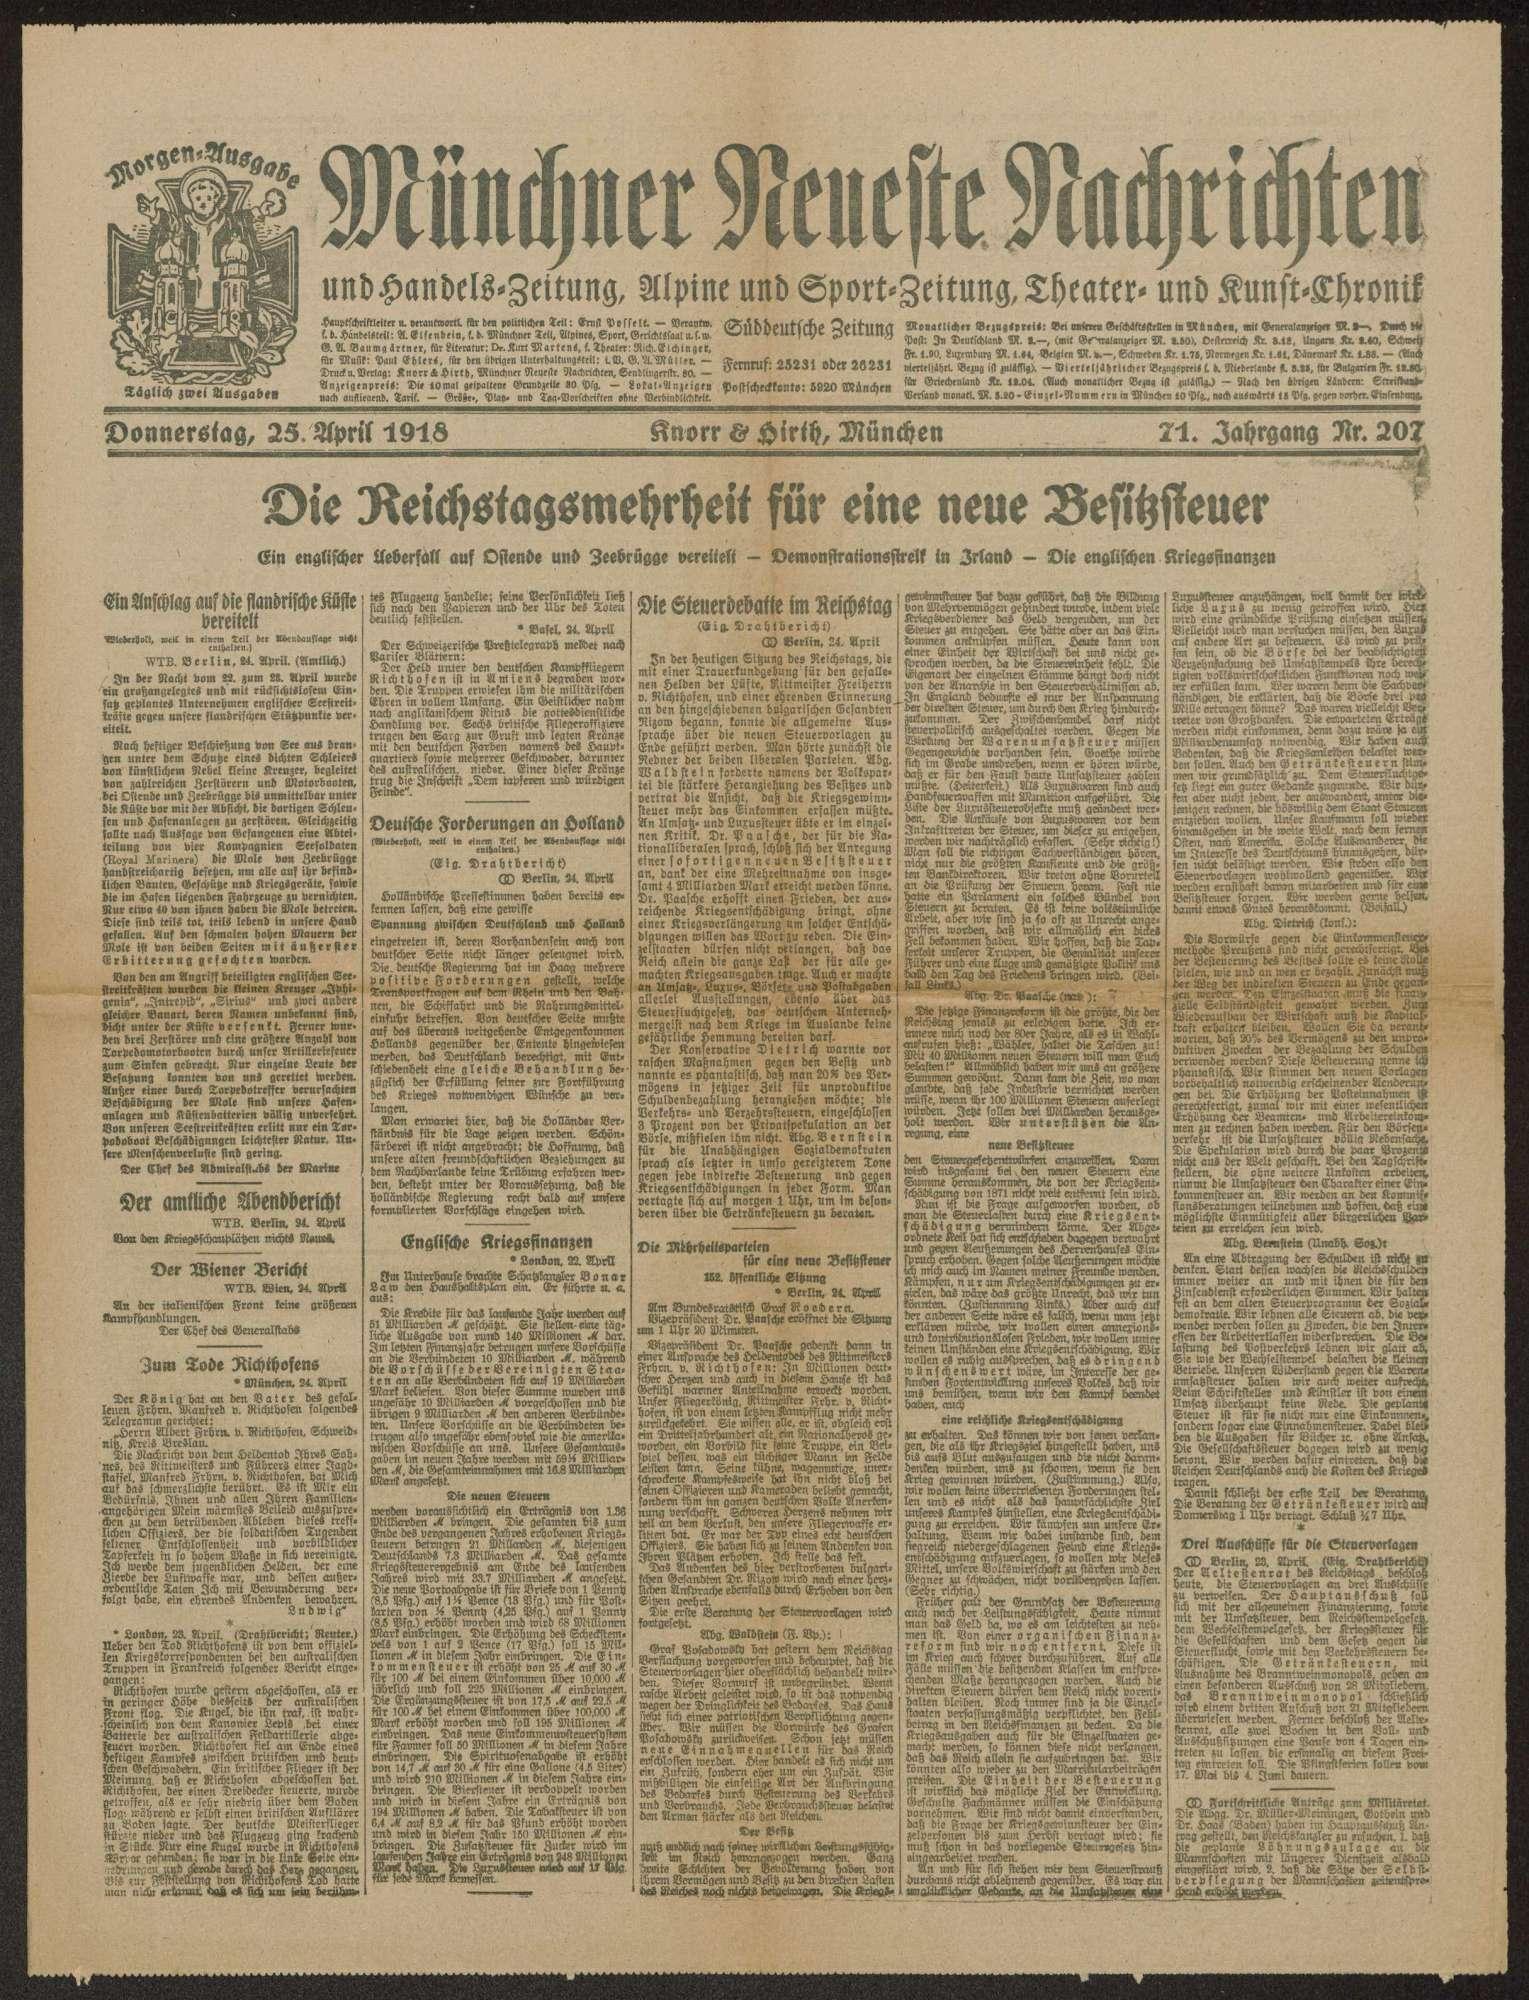 Frauenwahlrecht, Herabsetzung des Wahlalters, Verhältniswahl. Notizen, Landtagsprotokolle, Zeitungsartikel, Bild 2